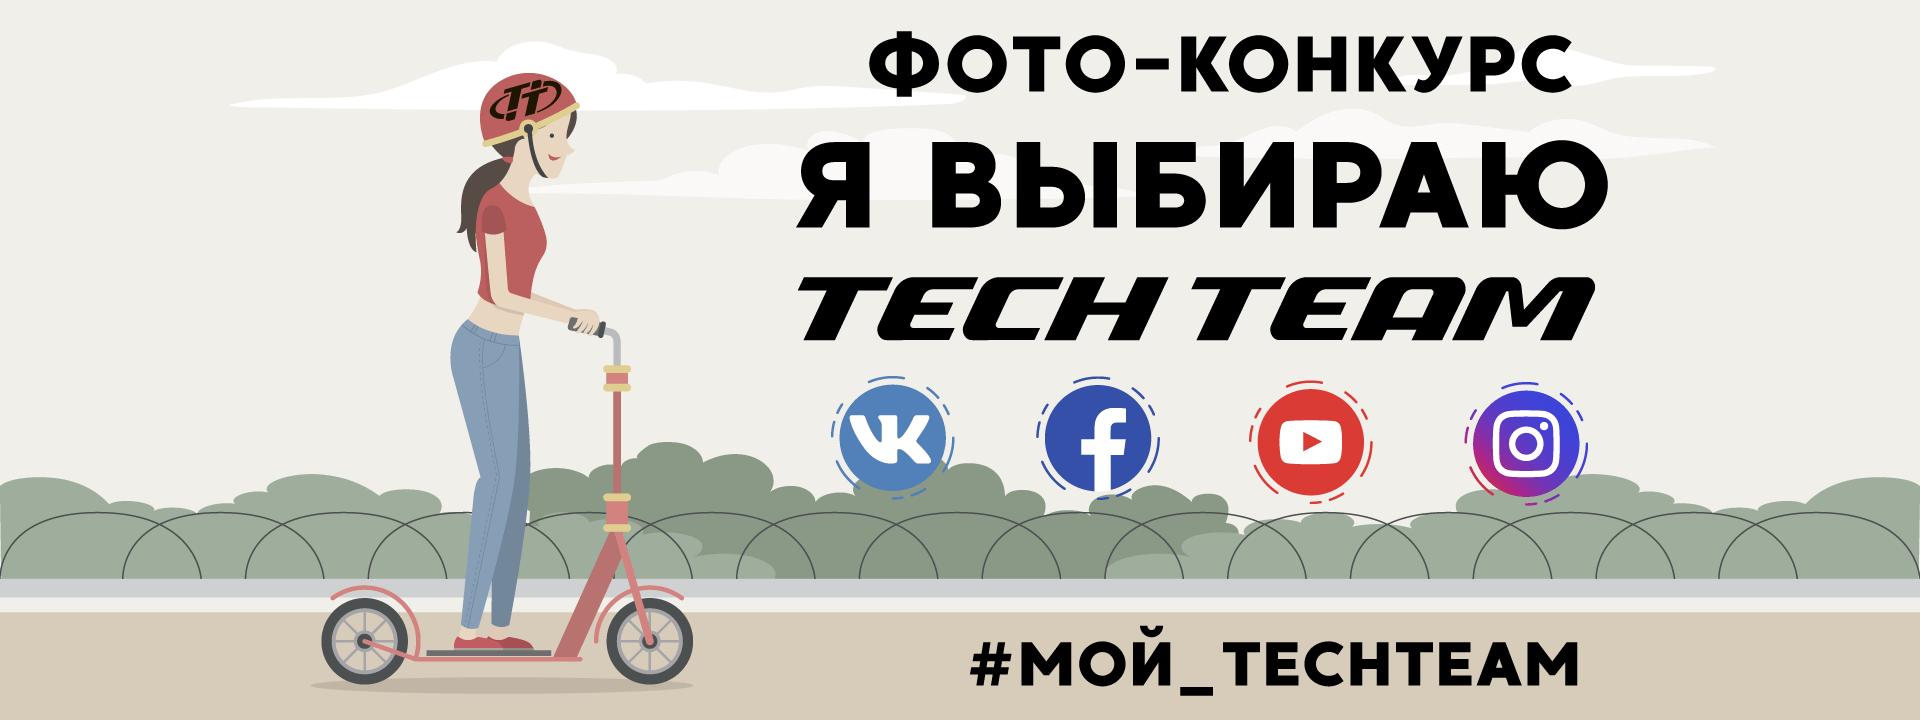 """Фотоконкурс: """"Я выбираю TechTeam"""" — голосование"""